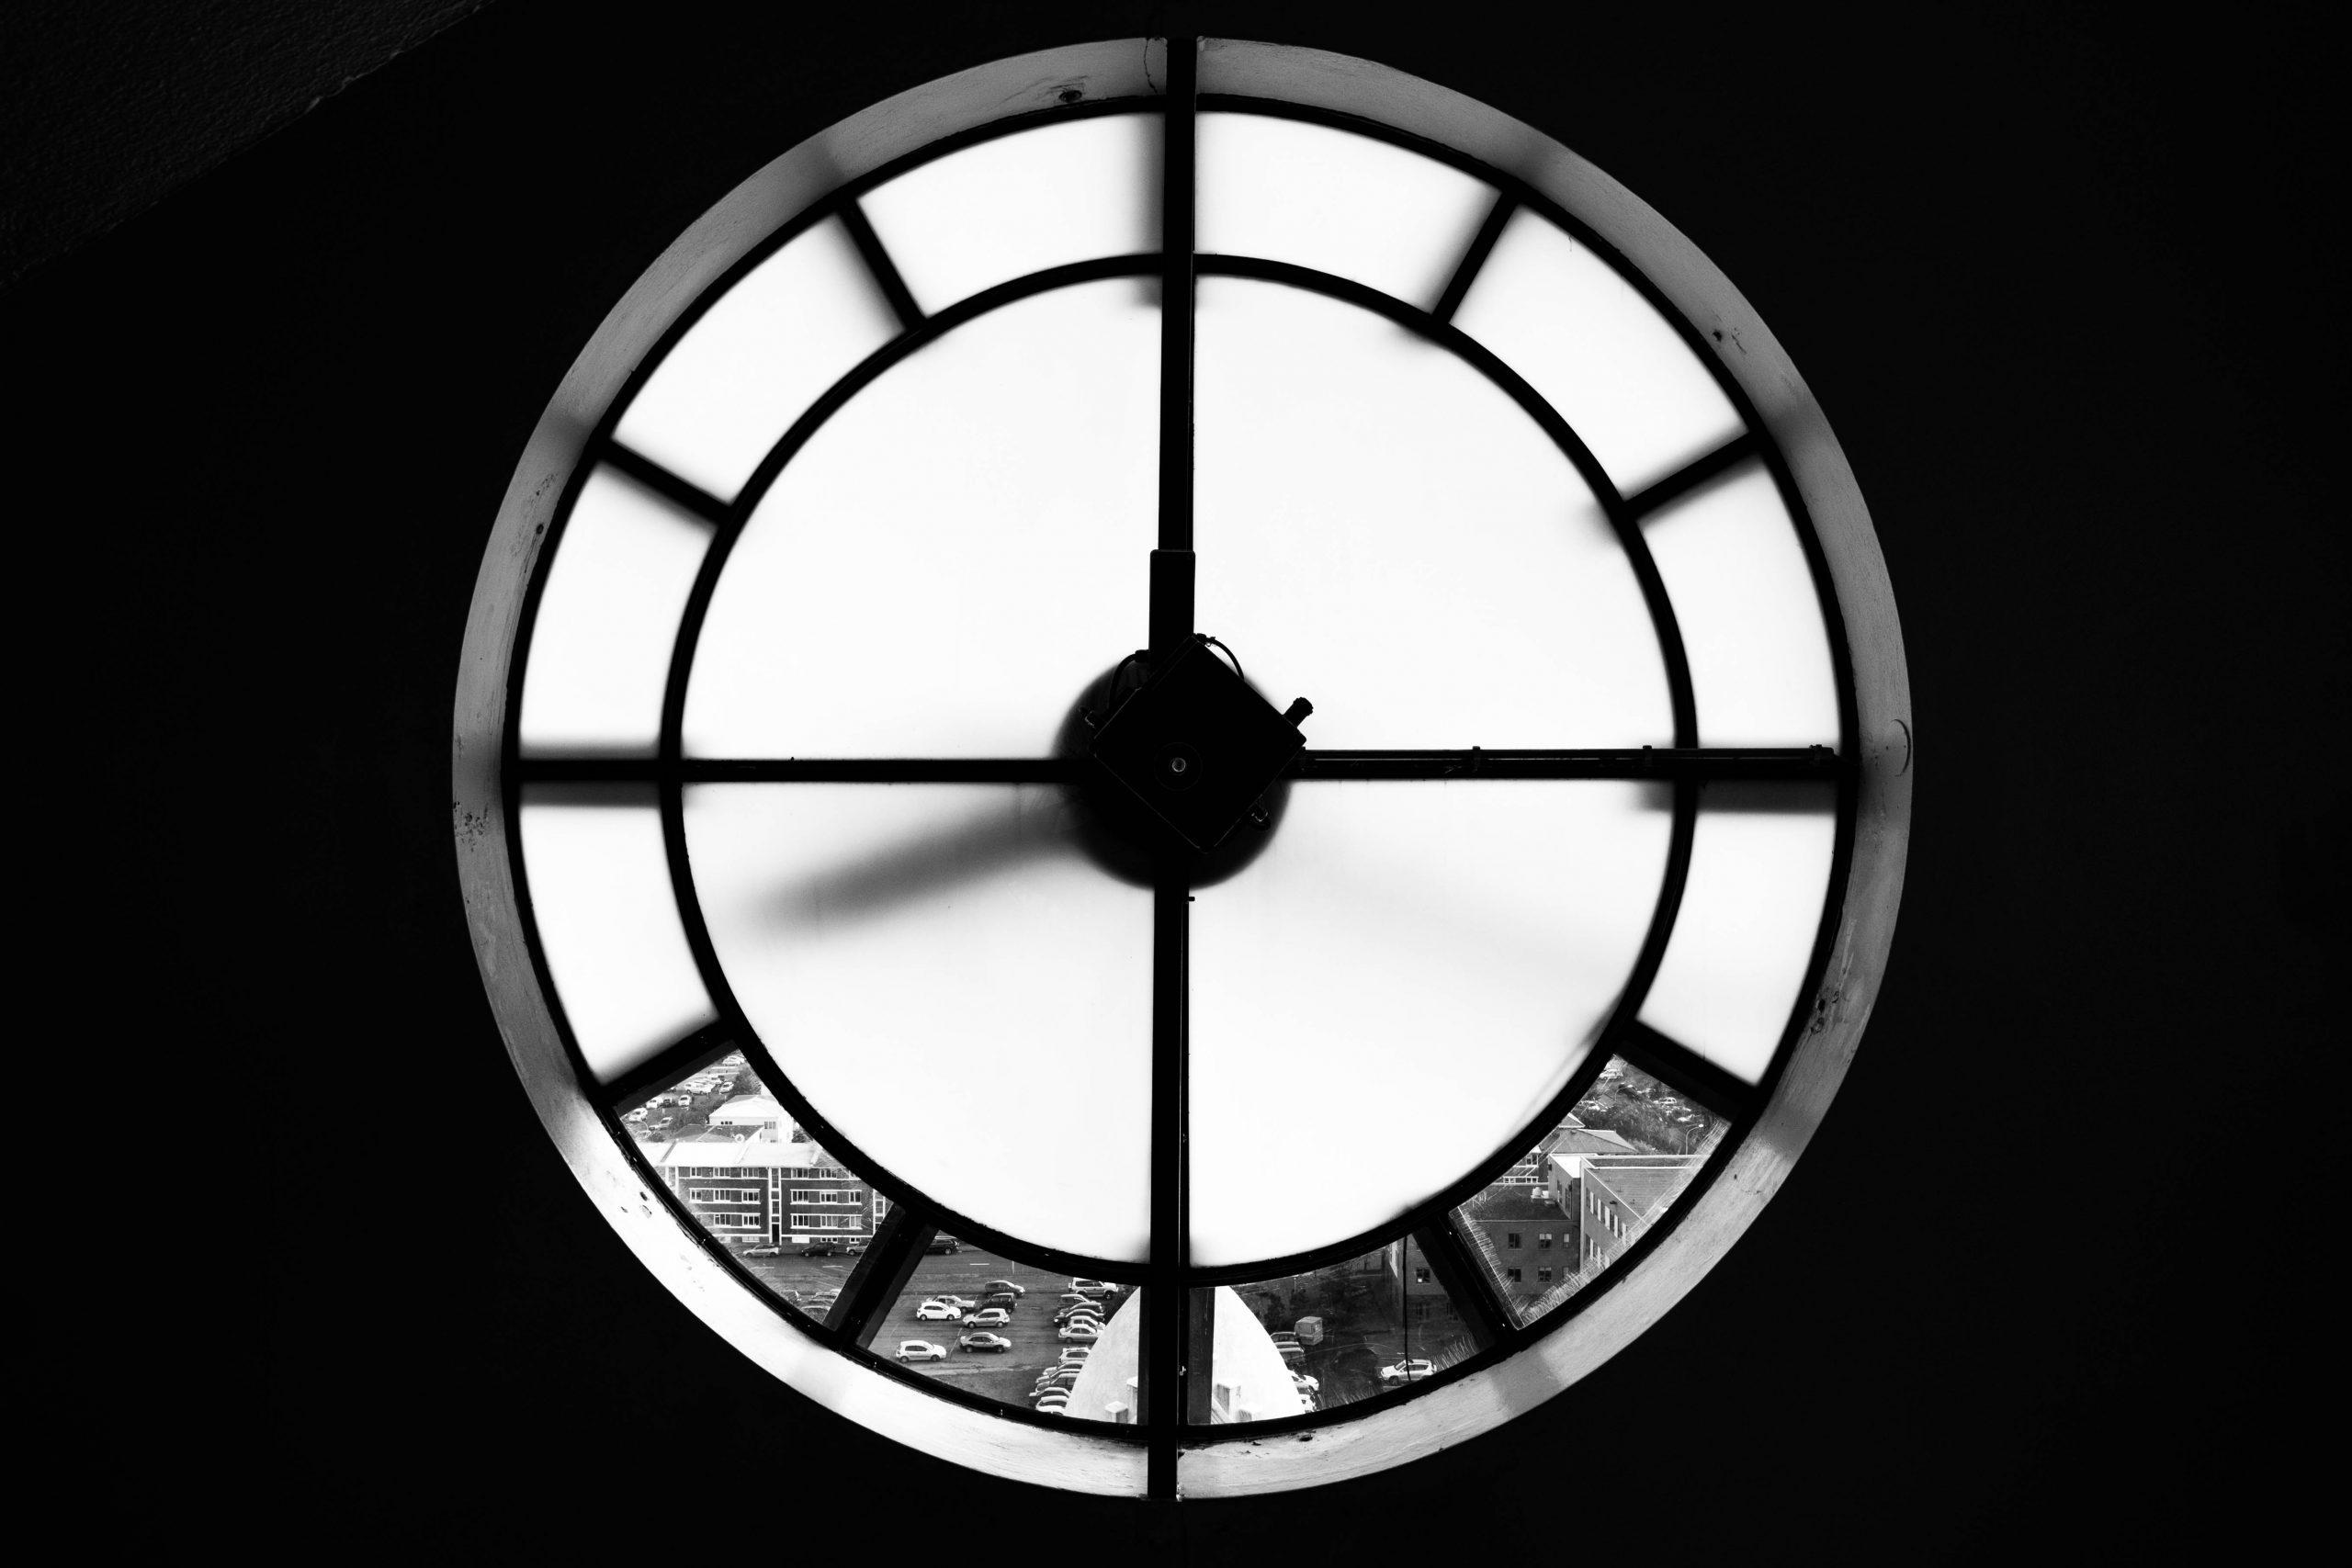 Clock window